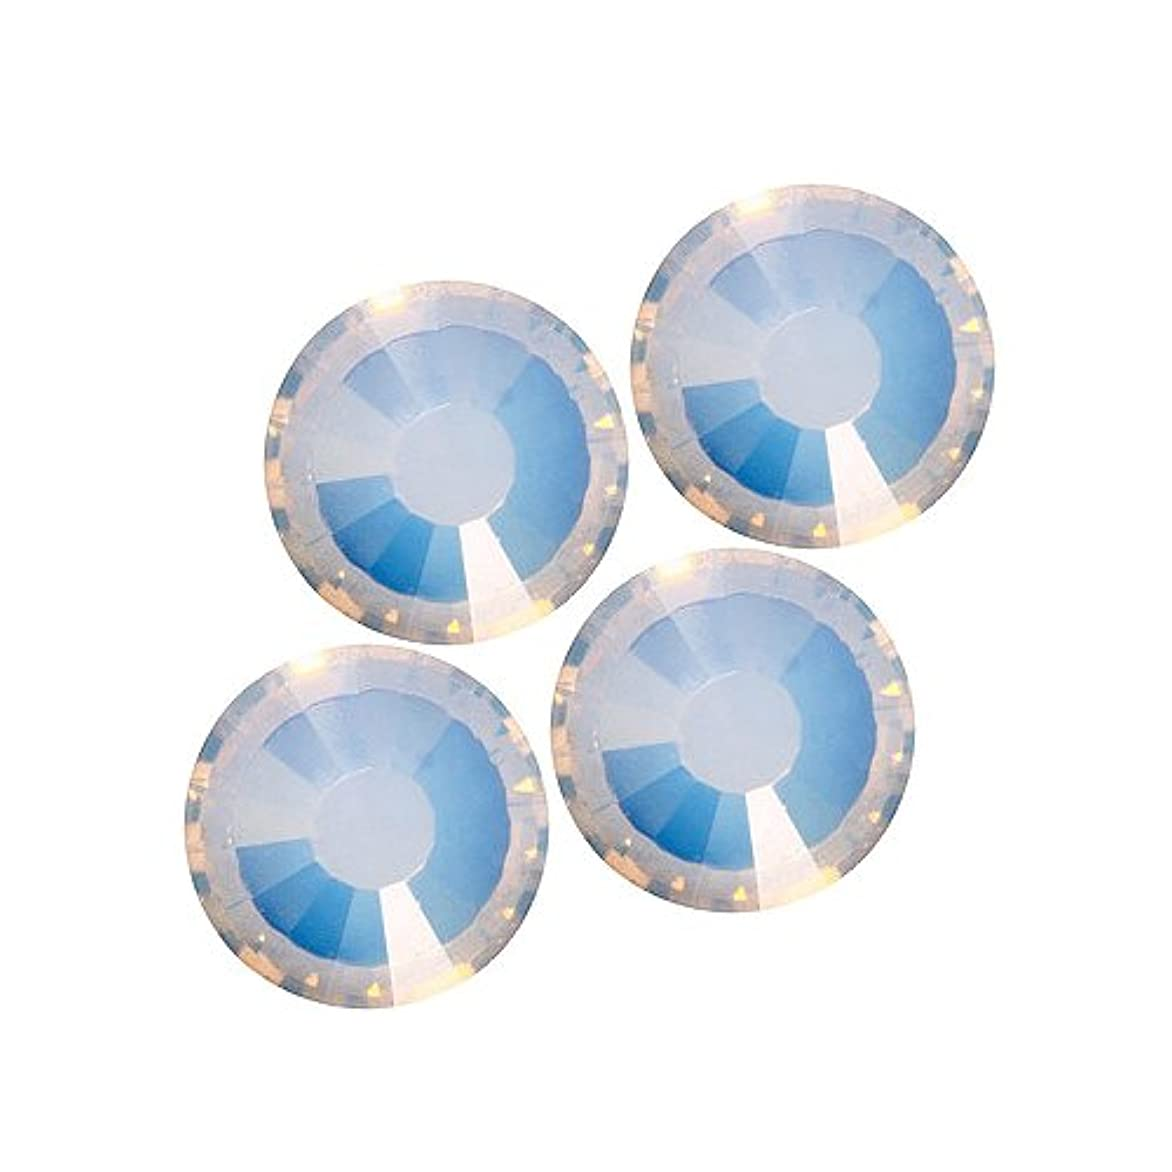 嫌い光沢フクロウバイナル DIAMOND RHINESTONE ホワイトオパールSS8 1440粒 ST-SS8-WHO-10G